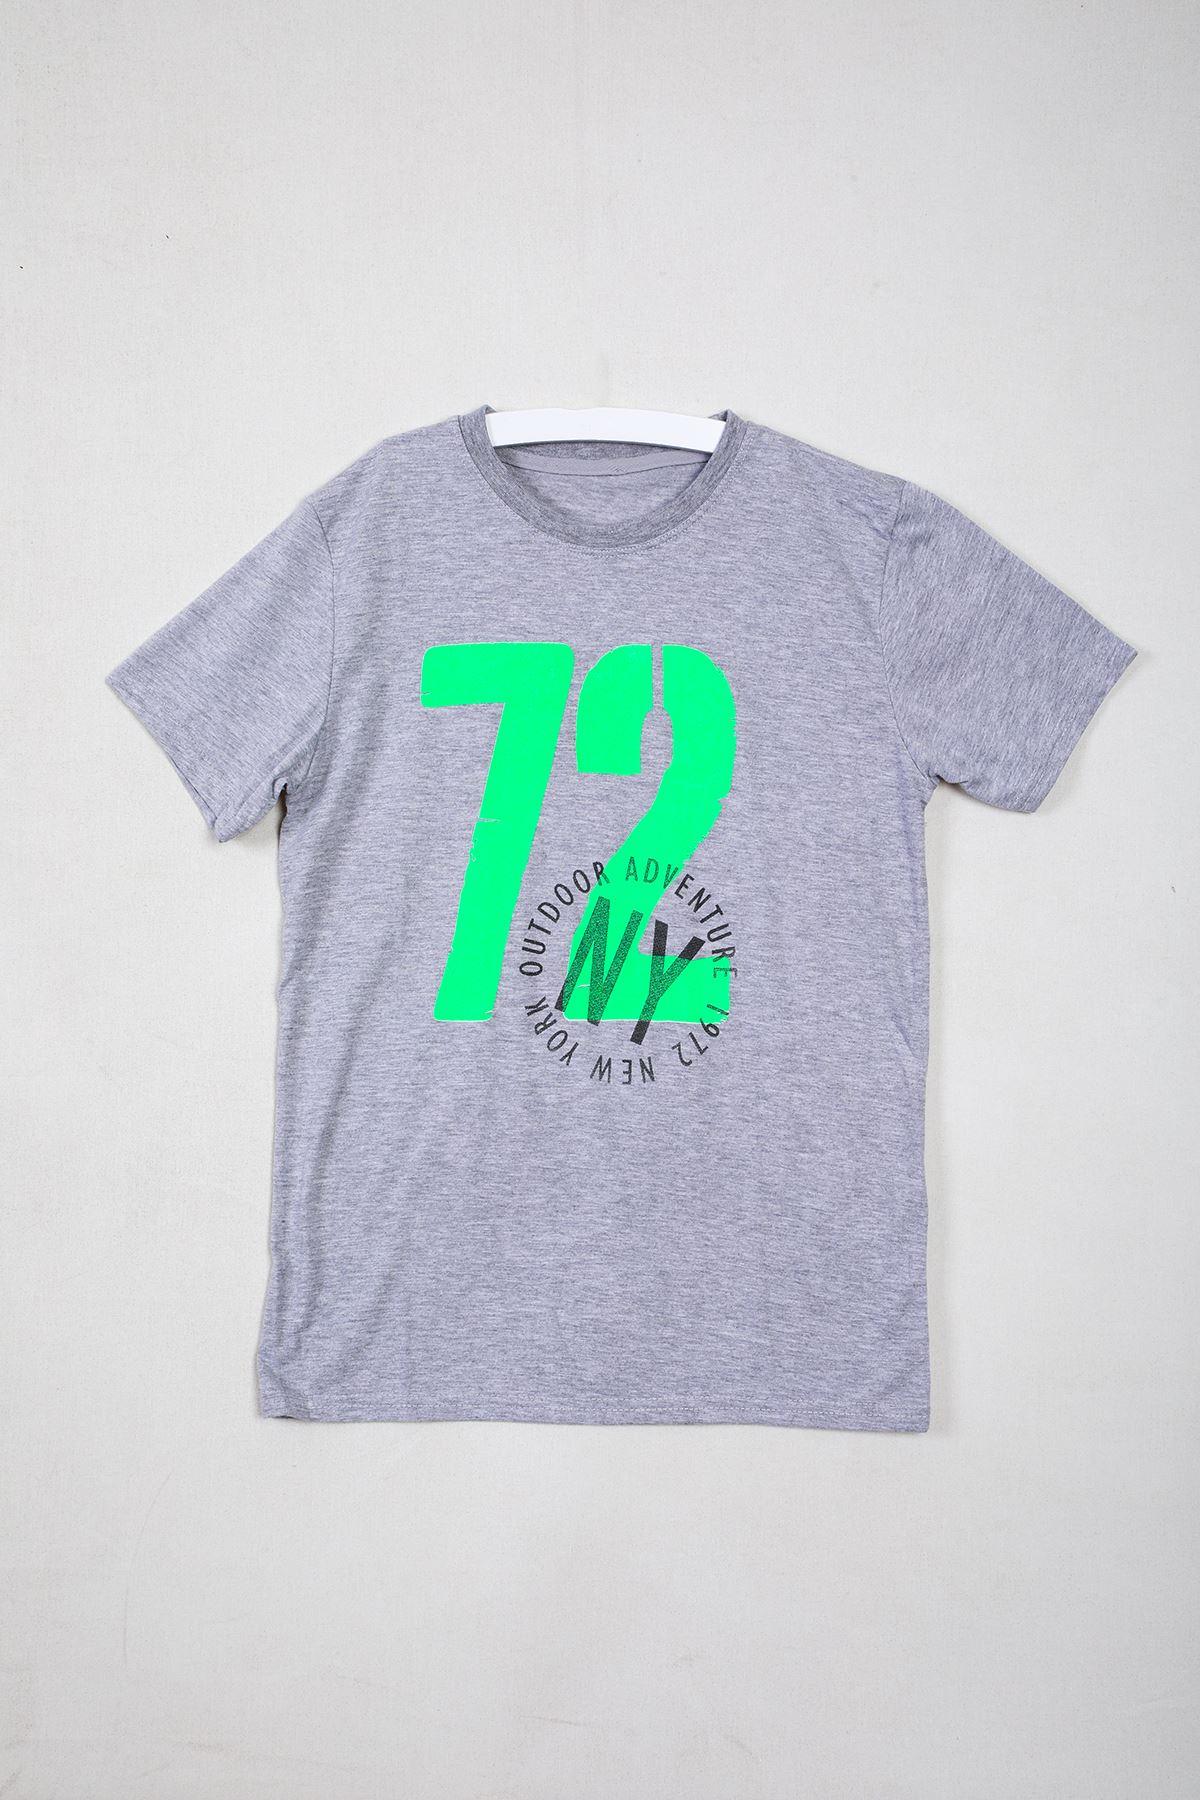 72 Baskılı Gri Çocuk T-shirt